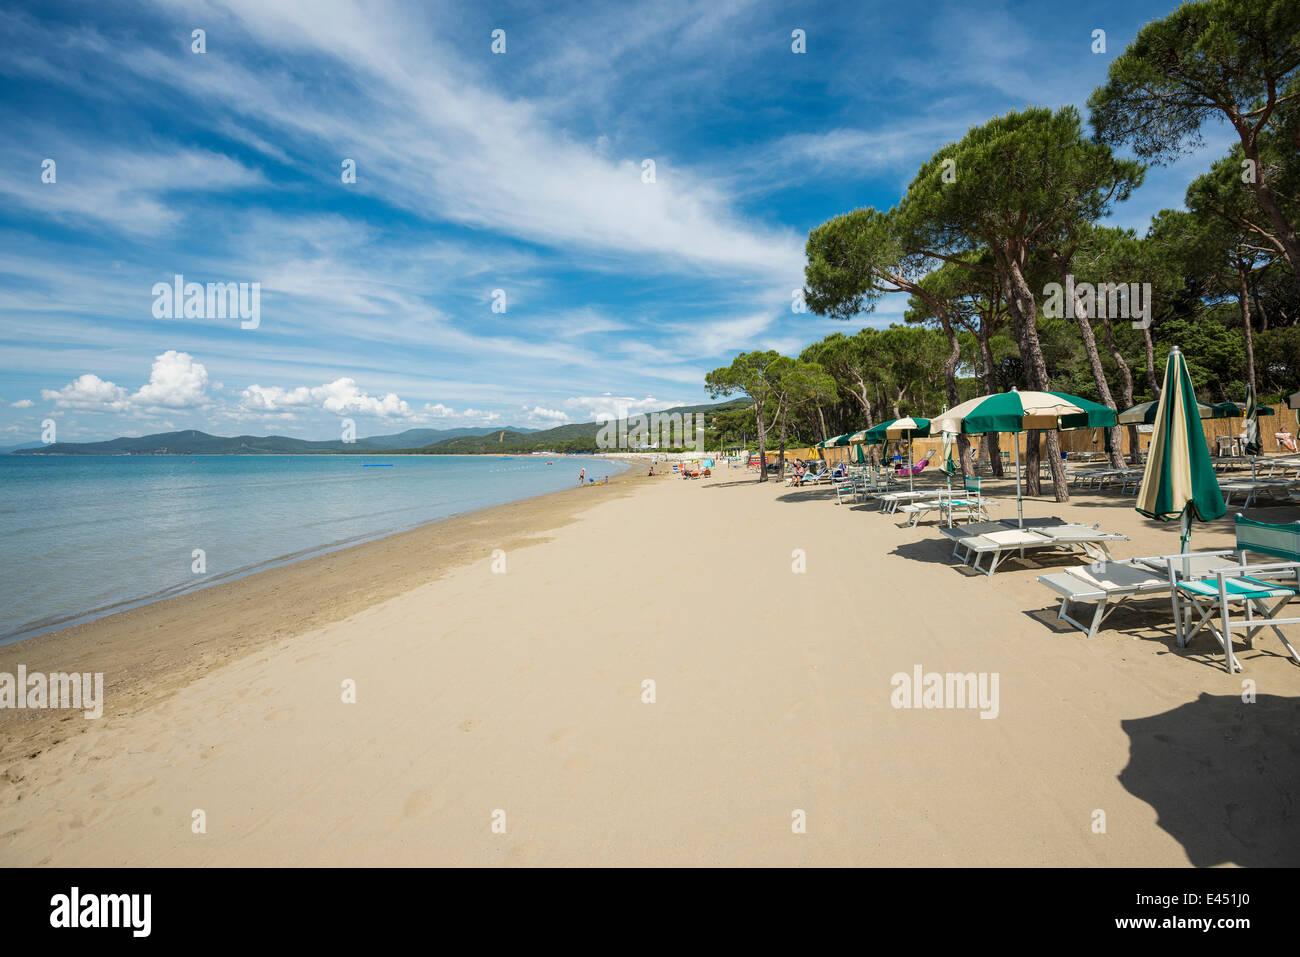 Sedie a sdraio sulla spiaggia, Punta Ala, nei pressi di Castiglione della Pescaia, in provincia di Grosseto, Toscana, Immagini Stock